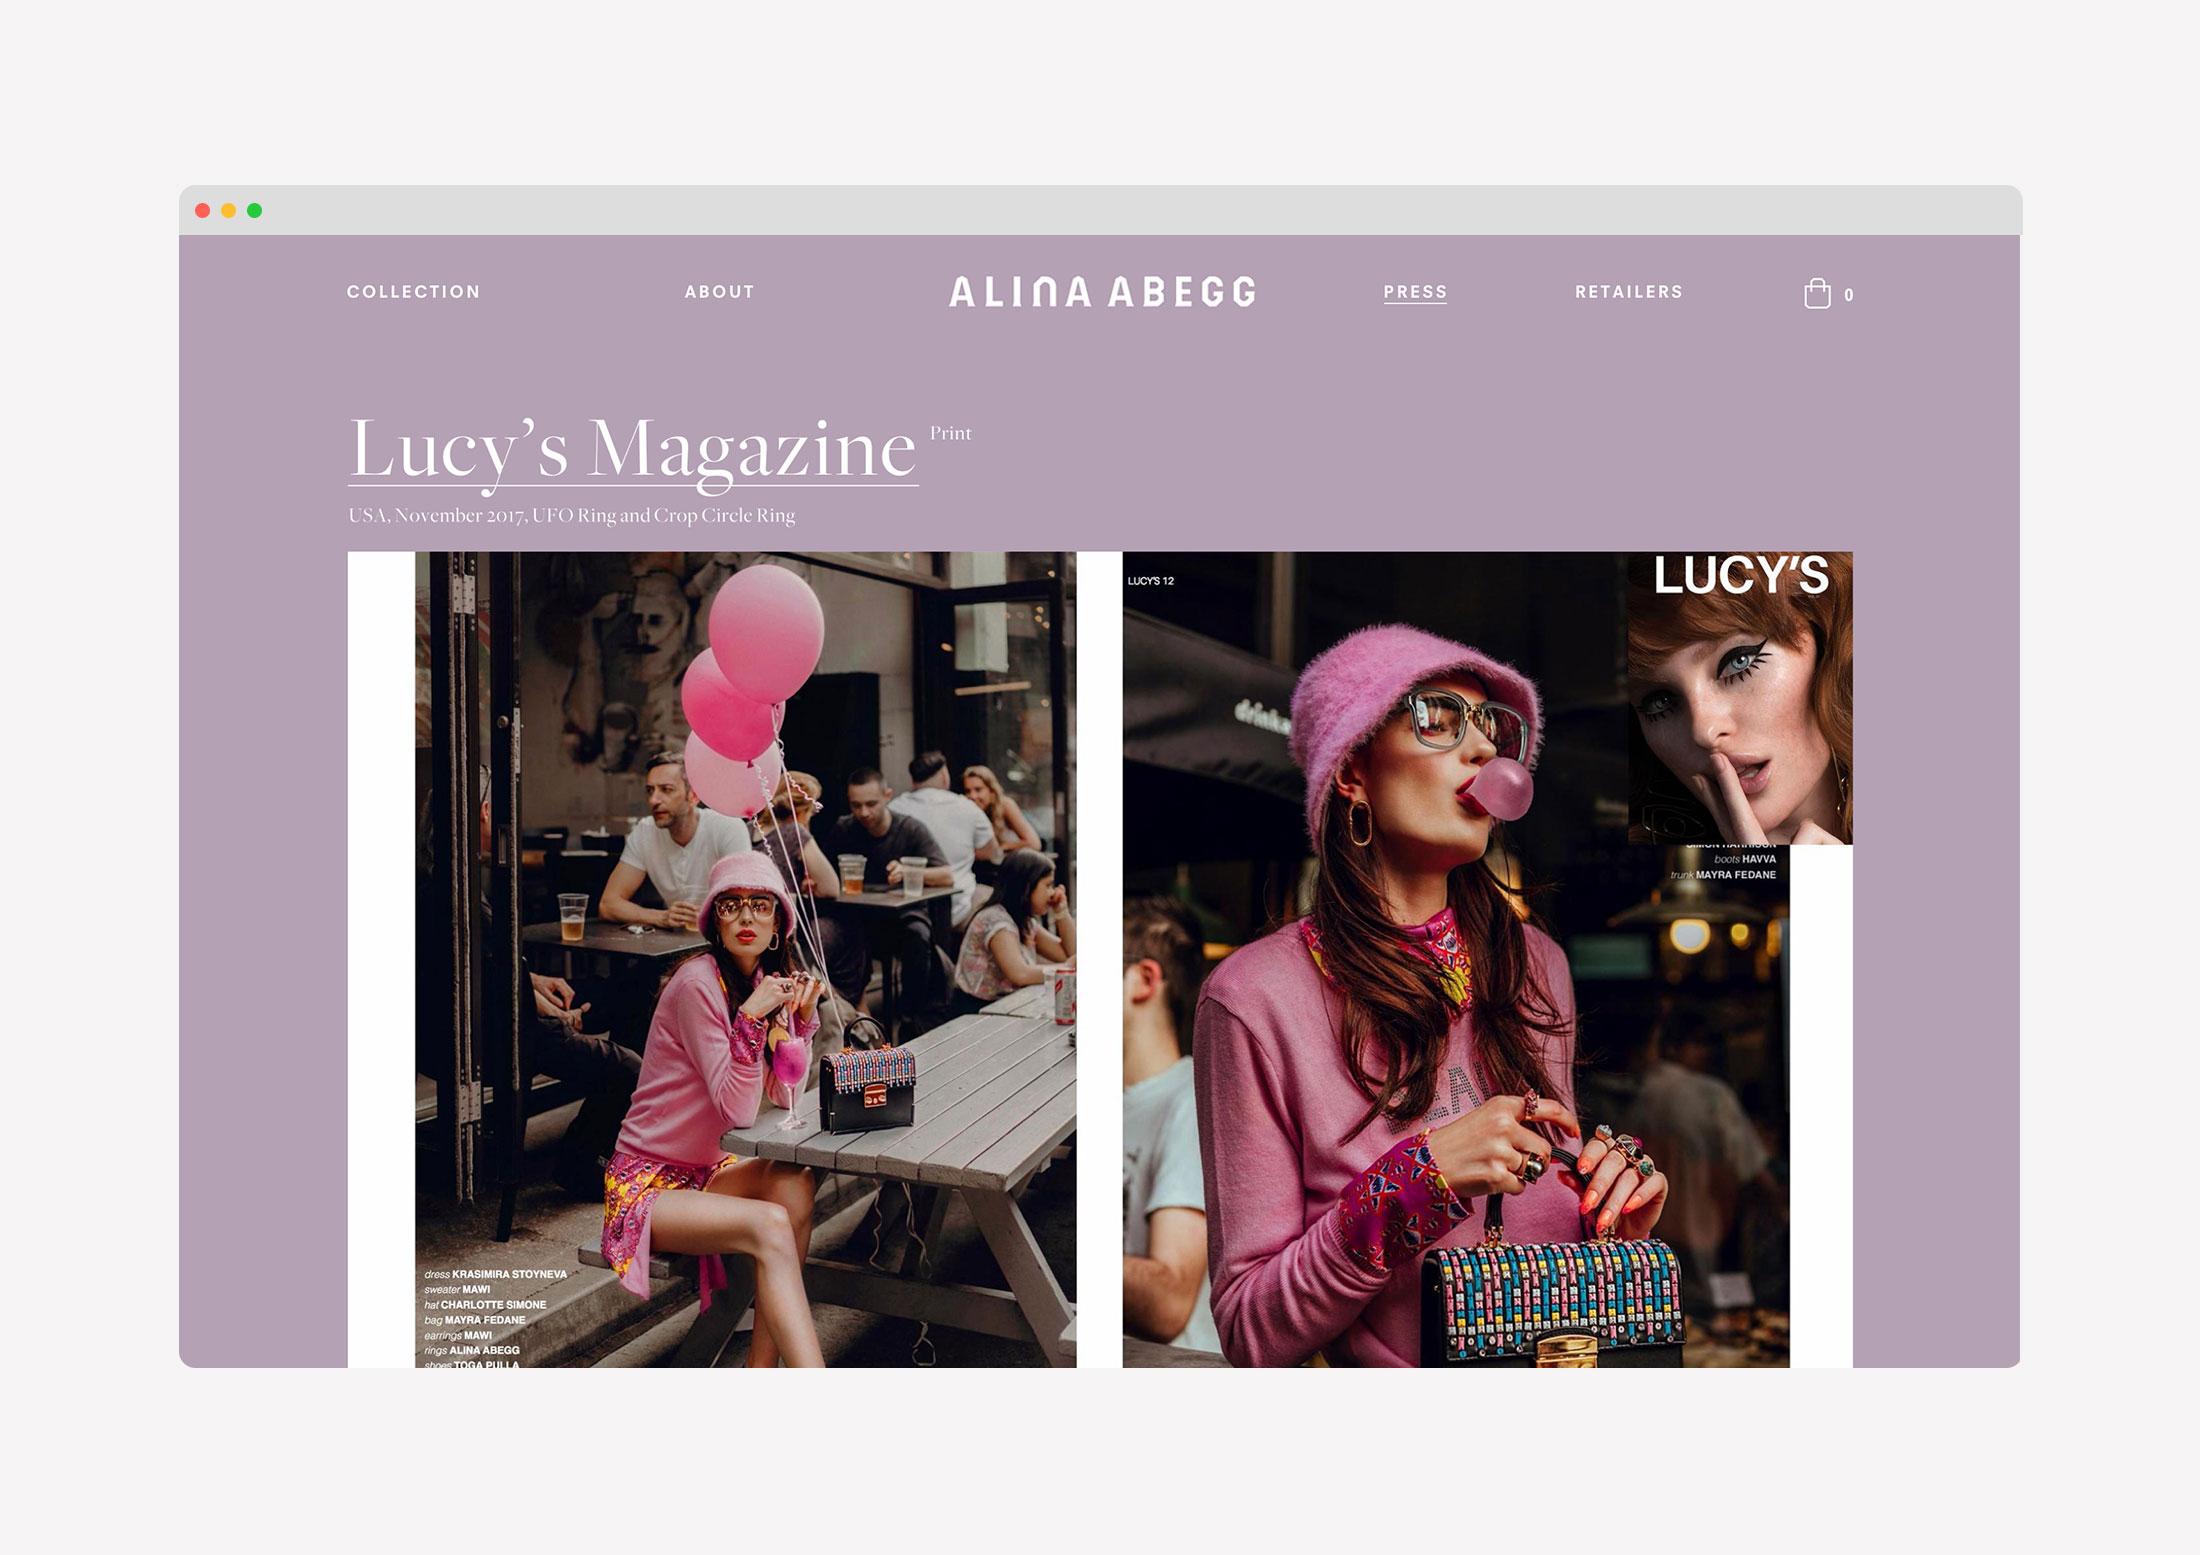 Alina-Abegg-website-press2.jpg